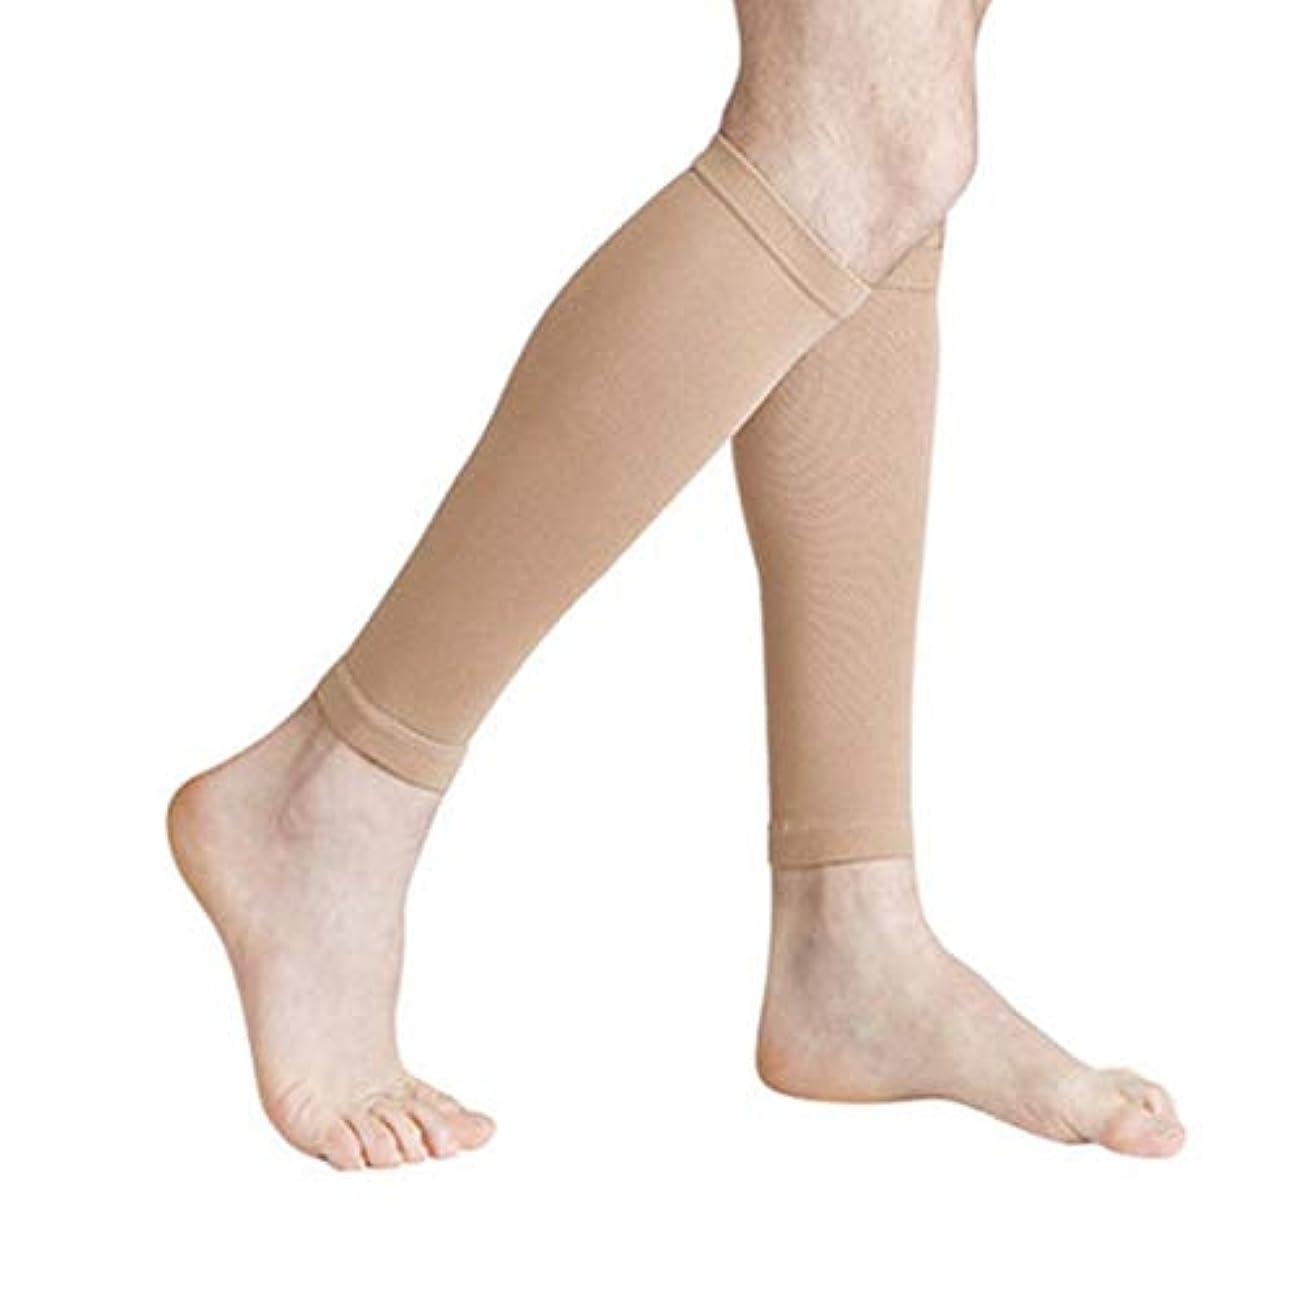 悪意マイクロしなやか丈夫な男性女性プロの圧縮靴下通気性のある旅行活動看護師用シントスプリントフライトトラベル - 肌色